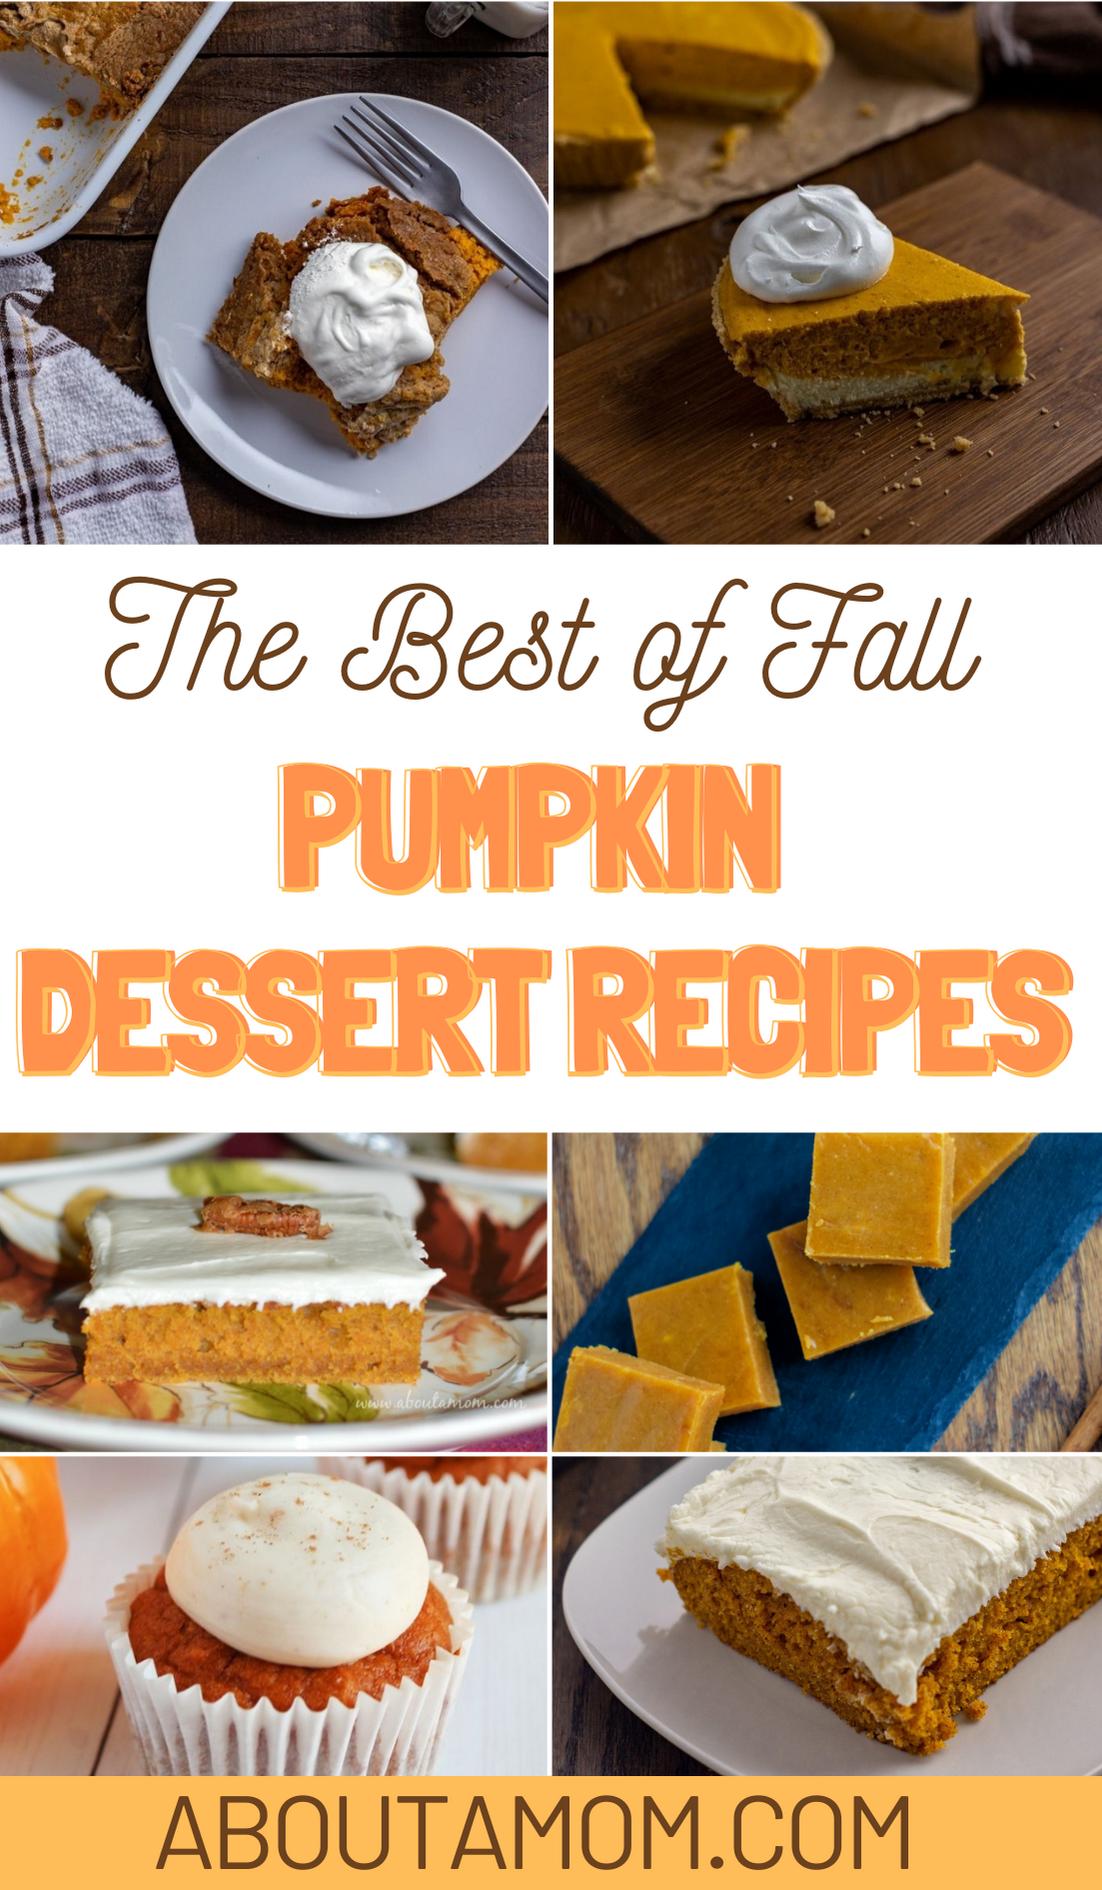 The Best Pumpkin Dessert Recipes for Fall